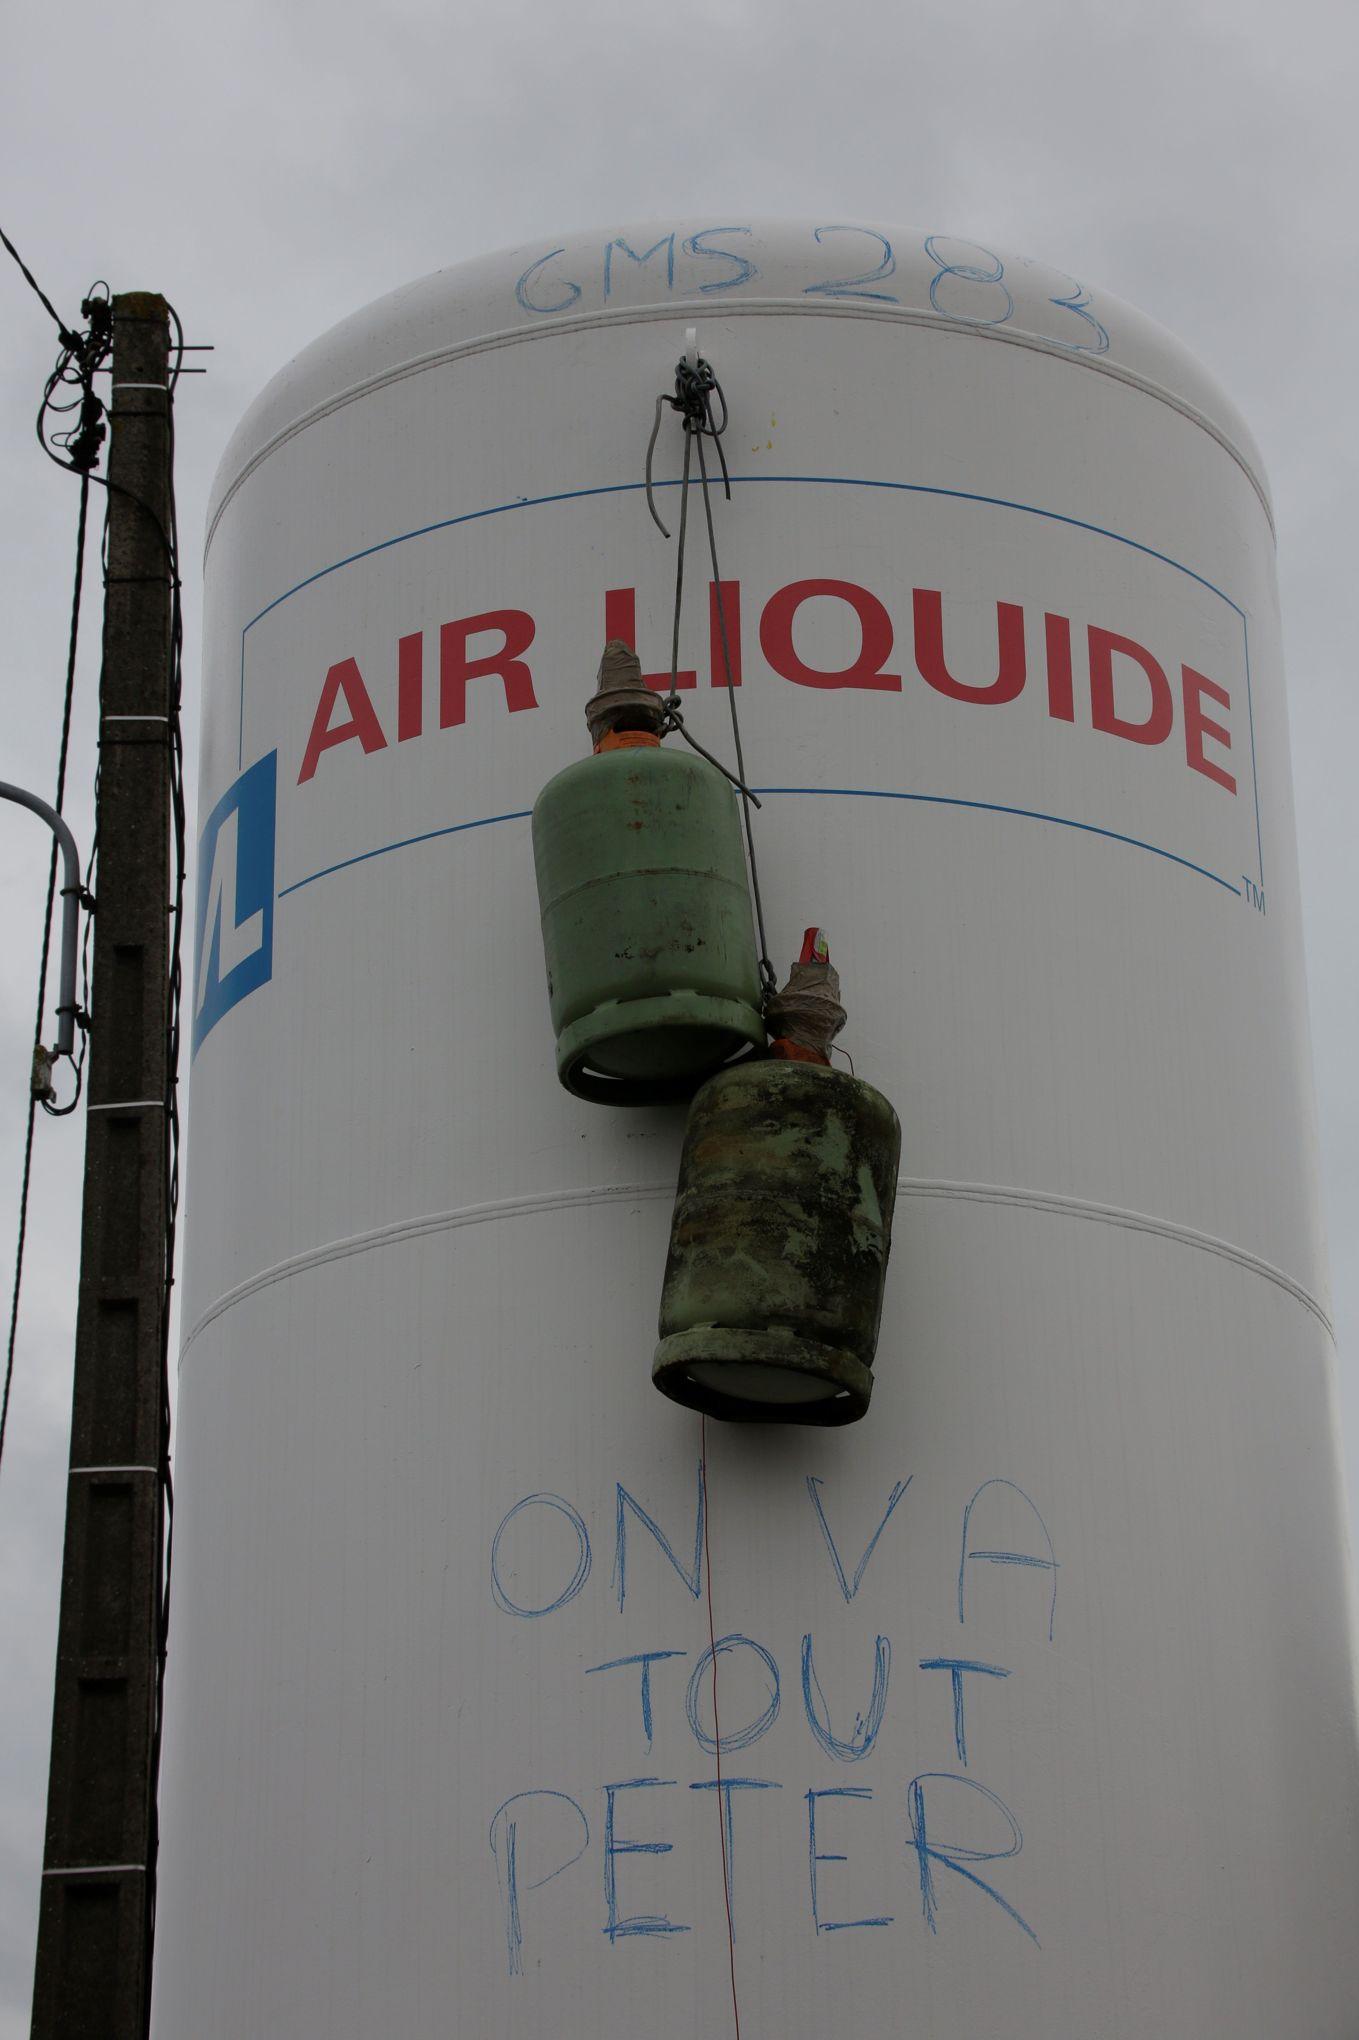 """Résultat de recherche d'images pour """"on va tout péter GM&S bouteille s de gaz"""""""